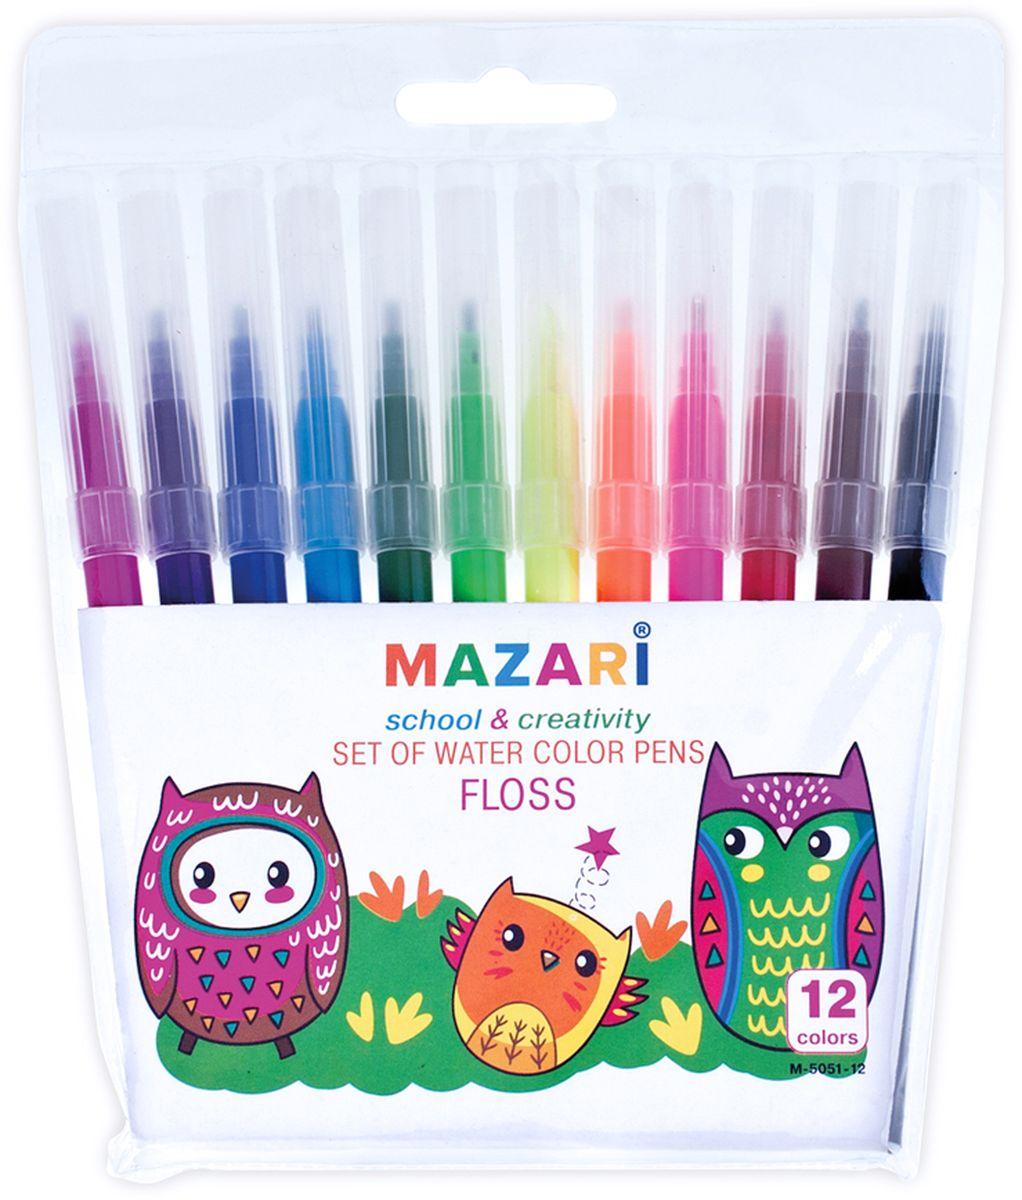 Mazari Набор фломастеров Floss 12 цветов mazari ножницы детские meer 12 см